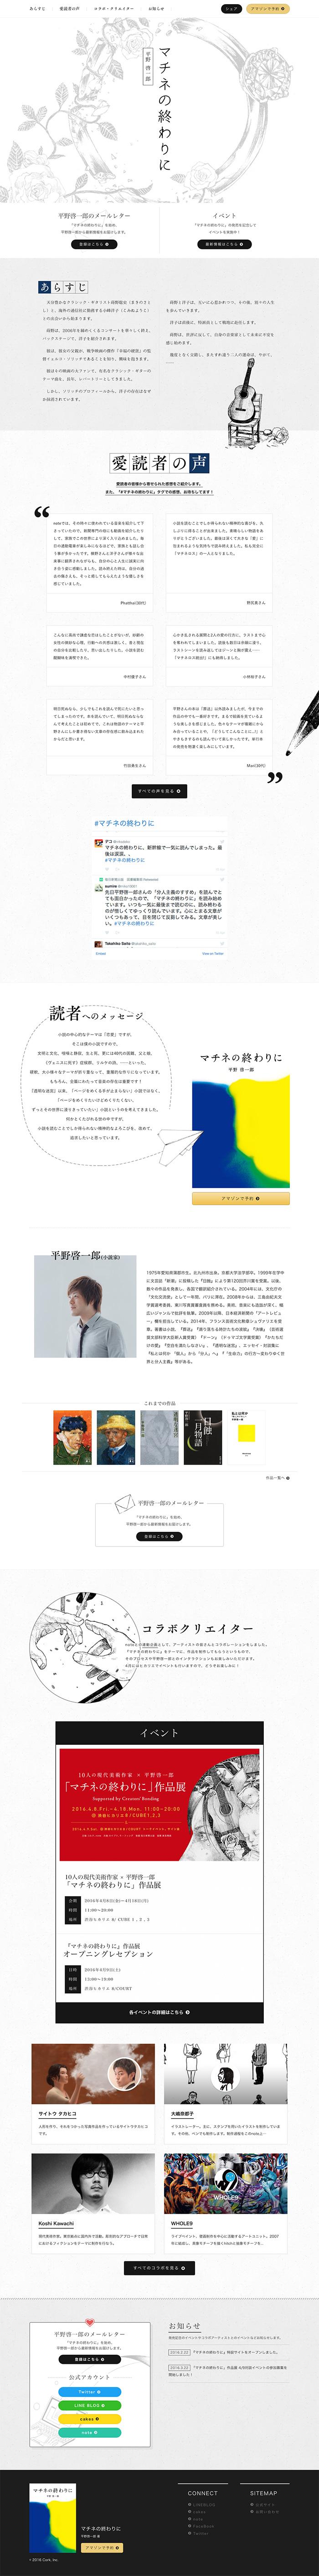 20-k-hirano-corkagency-com-lp-matinee-no-owari-ni-1460819775194